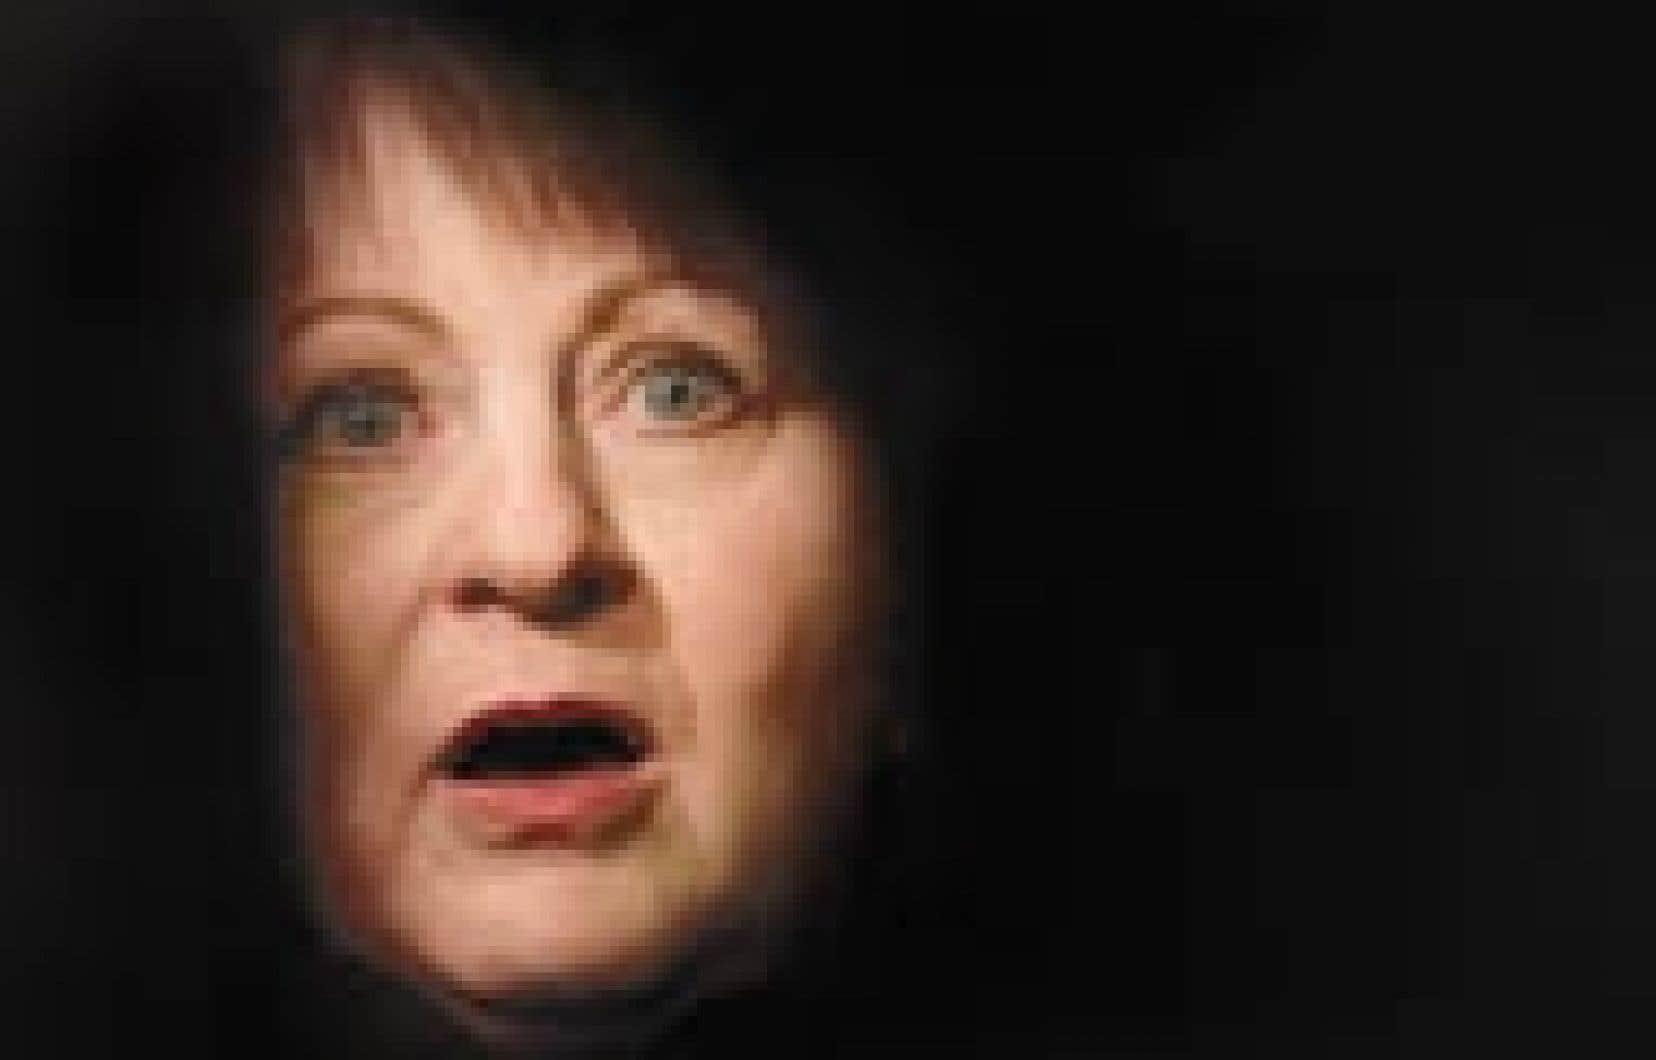 Le Bloc québécois s'en est pris hier à l'actuelle ministre de l'Industrie, Lucienne Robillard, dont le nom apparaît à l'annexe d'un récent jugement rendu contre la Banque de développement du Canada (BDC). Ce jugement ne porte pas sur le